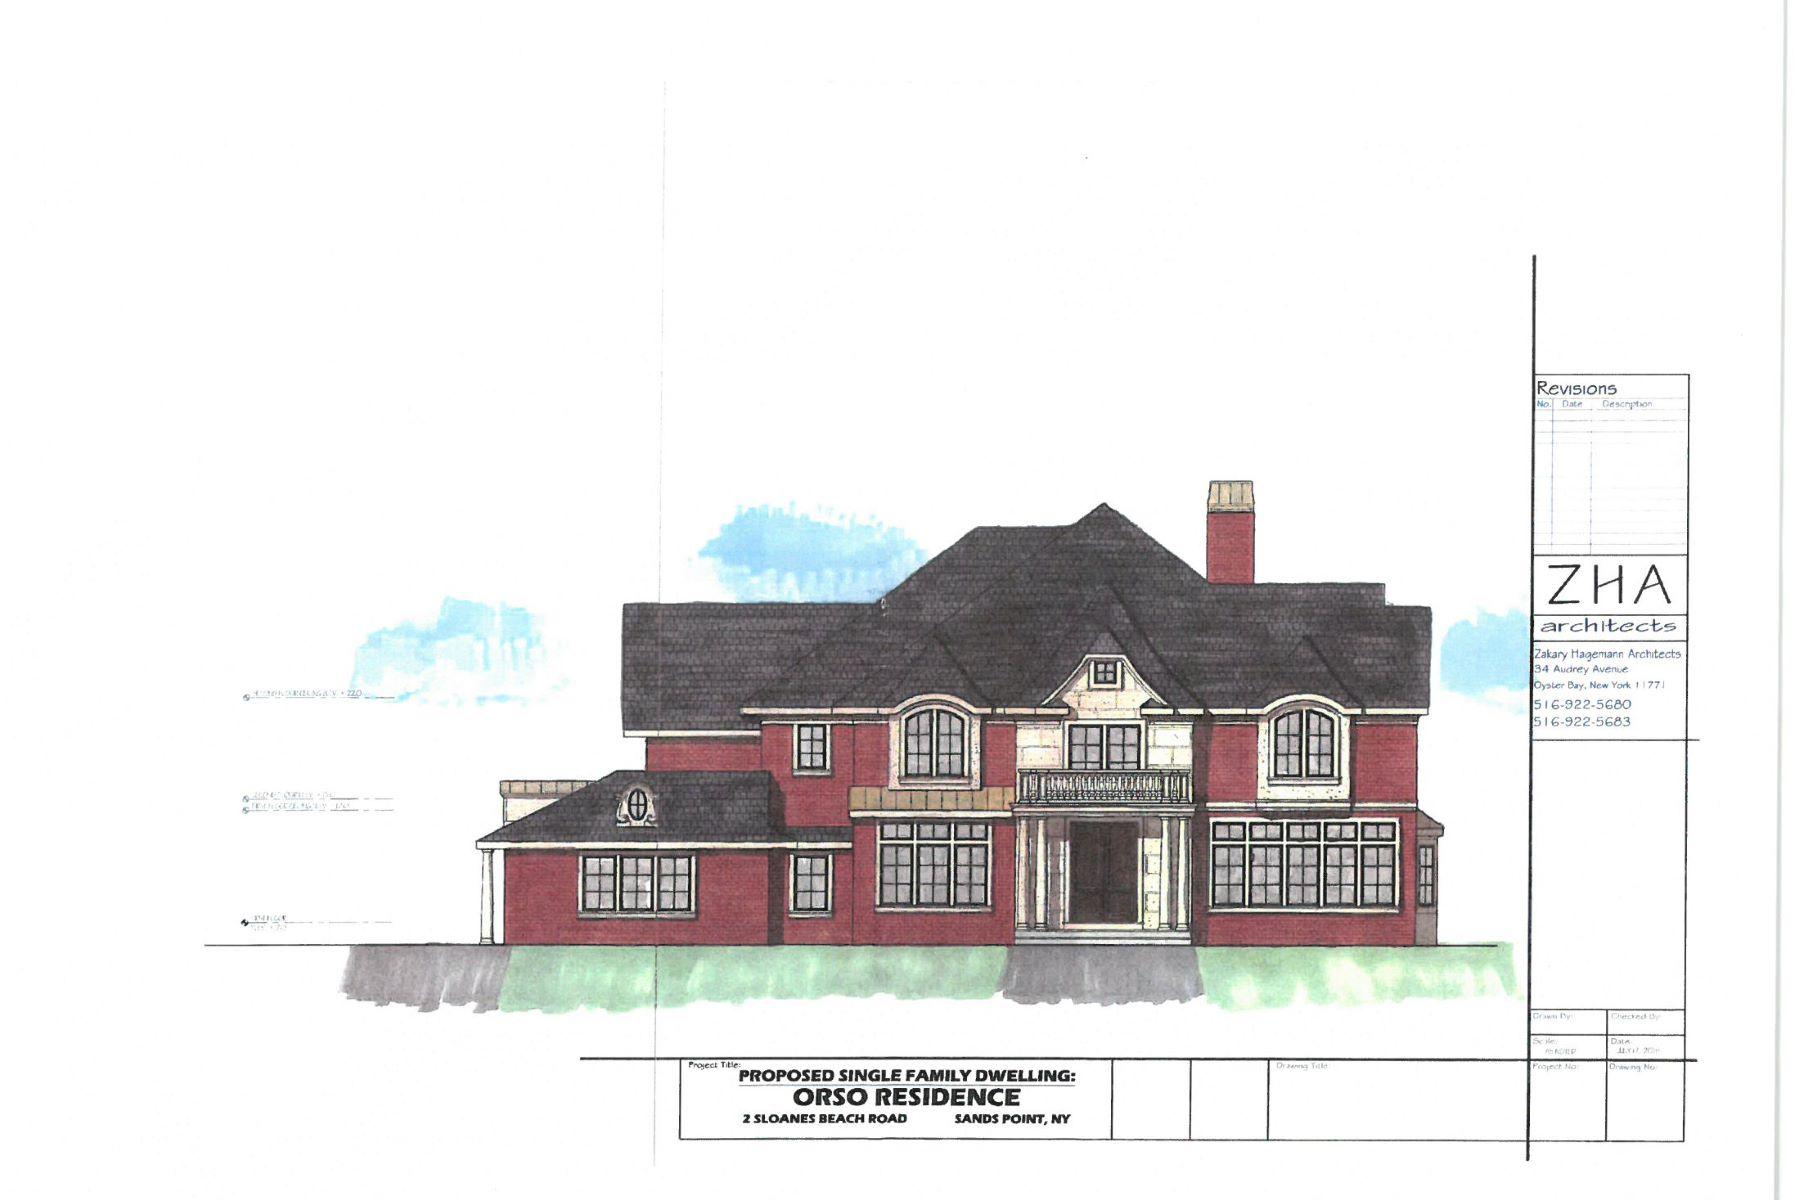 Villa per Vendita alle ore Colonial 2 Sloanes Beach Rd Sands Point, New York, 11050 Stati Uniti